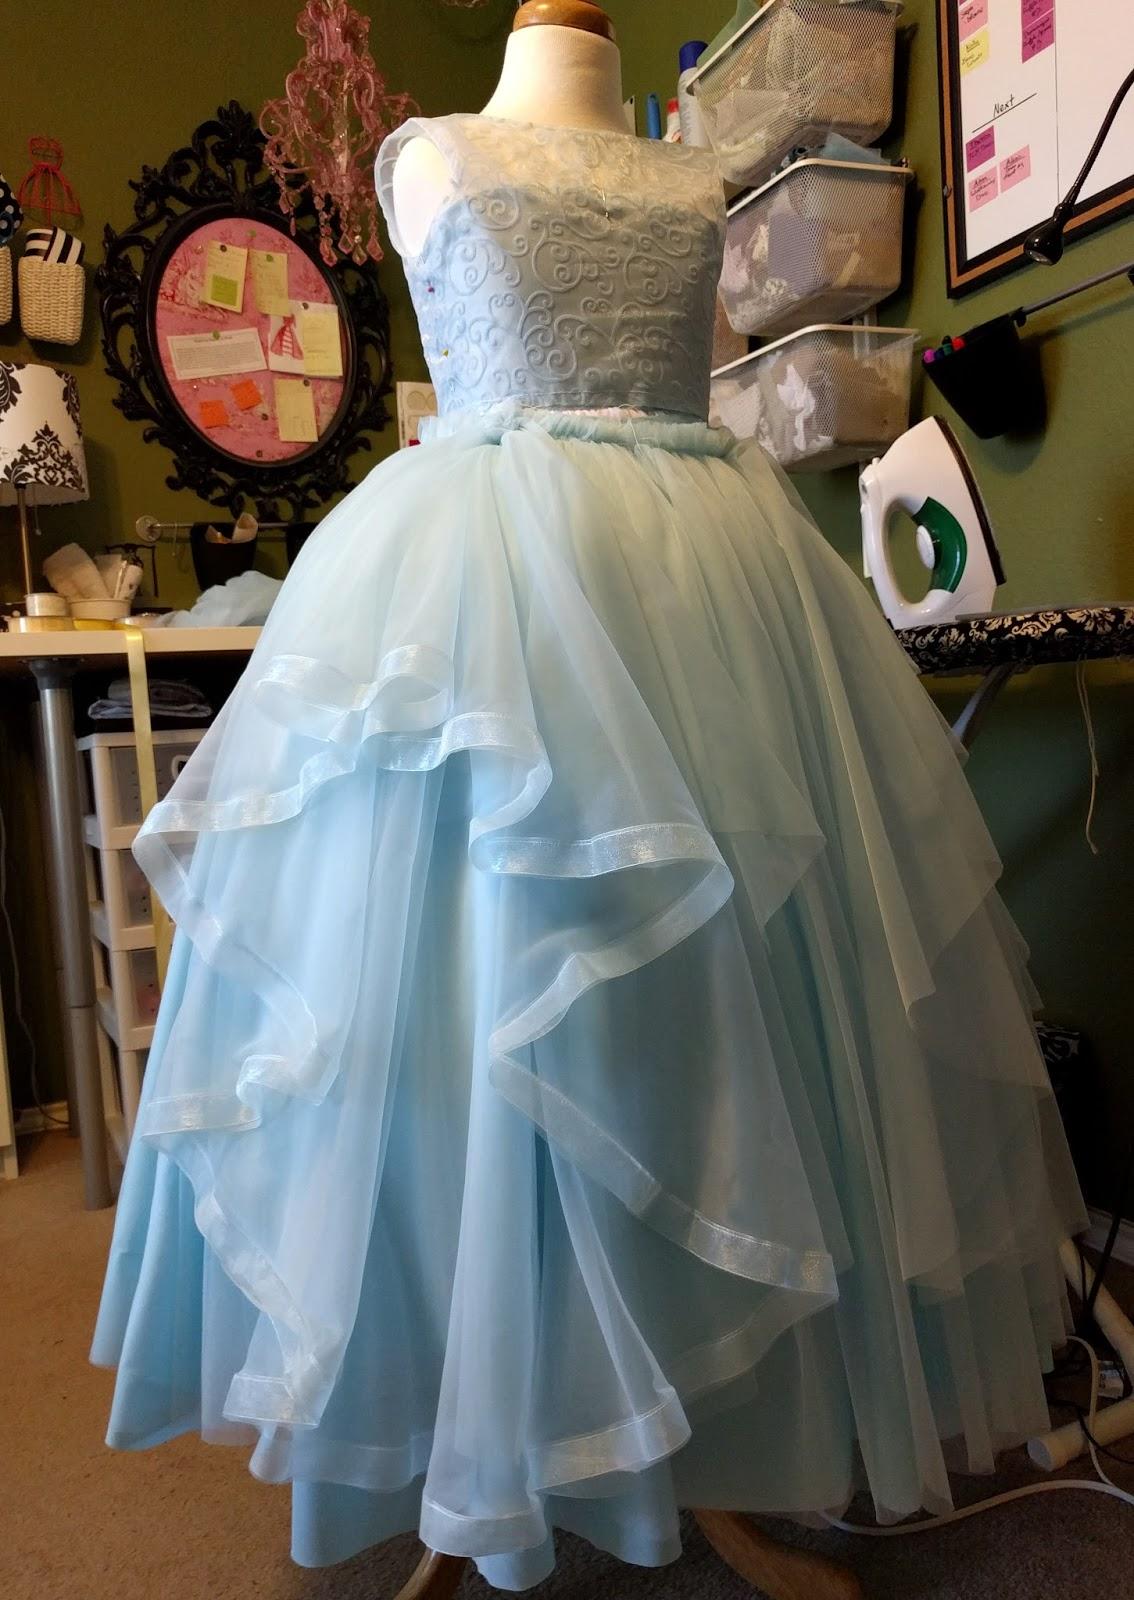 Aux Belles Choses: Bluebonnet Dresses - Finished!